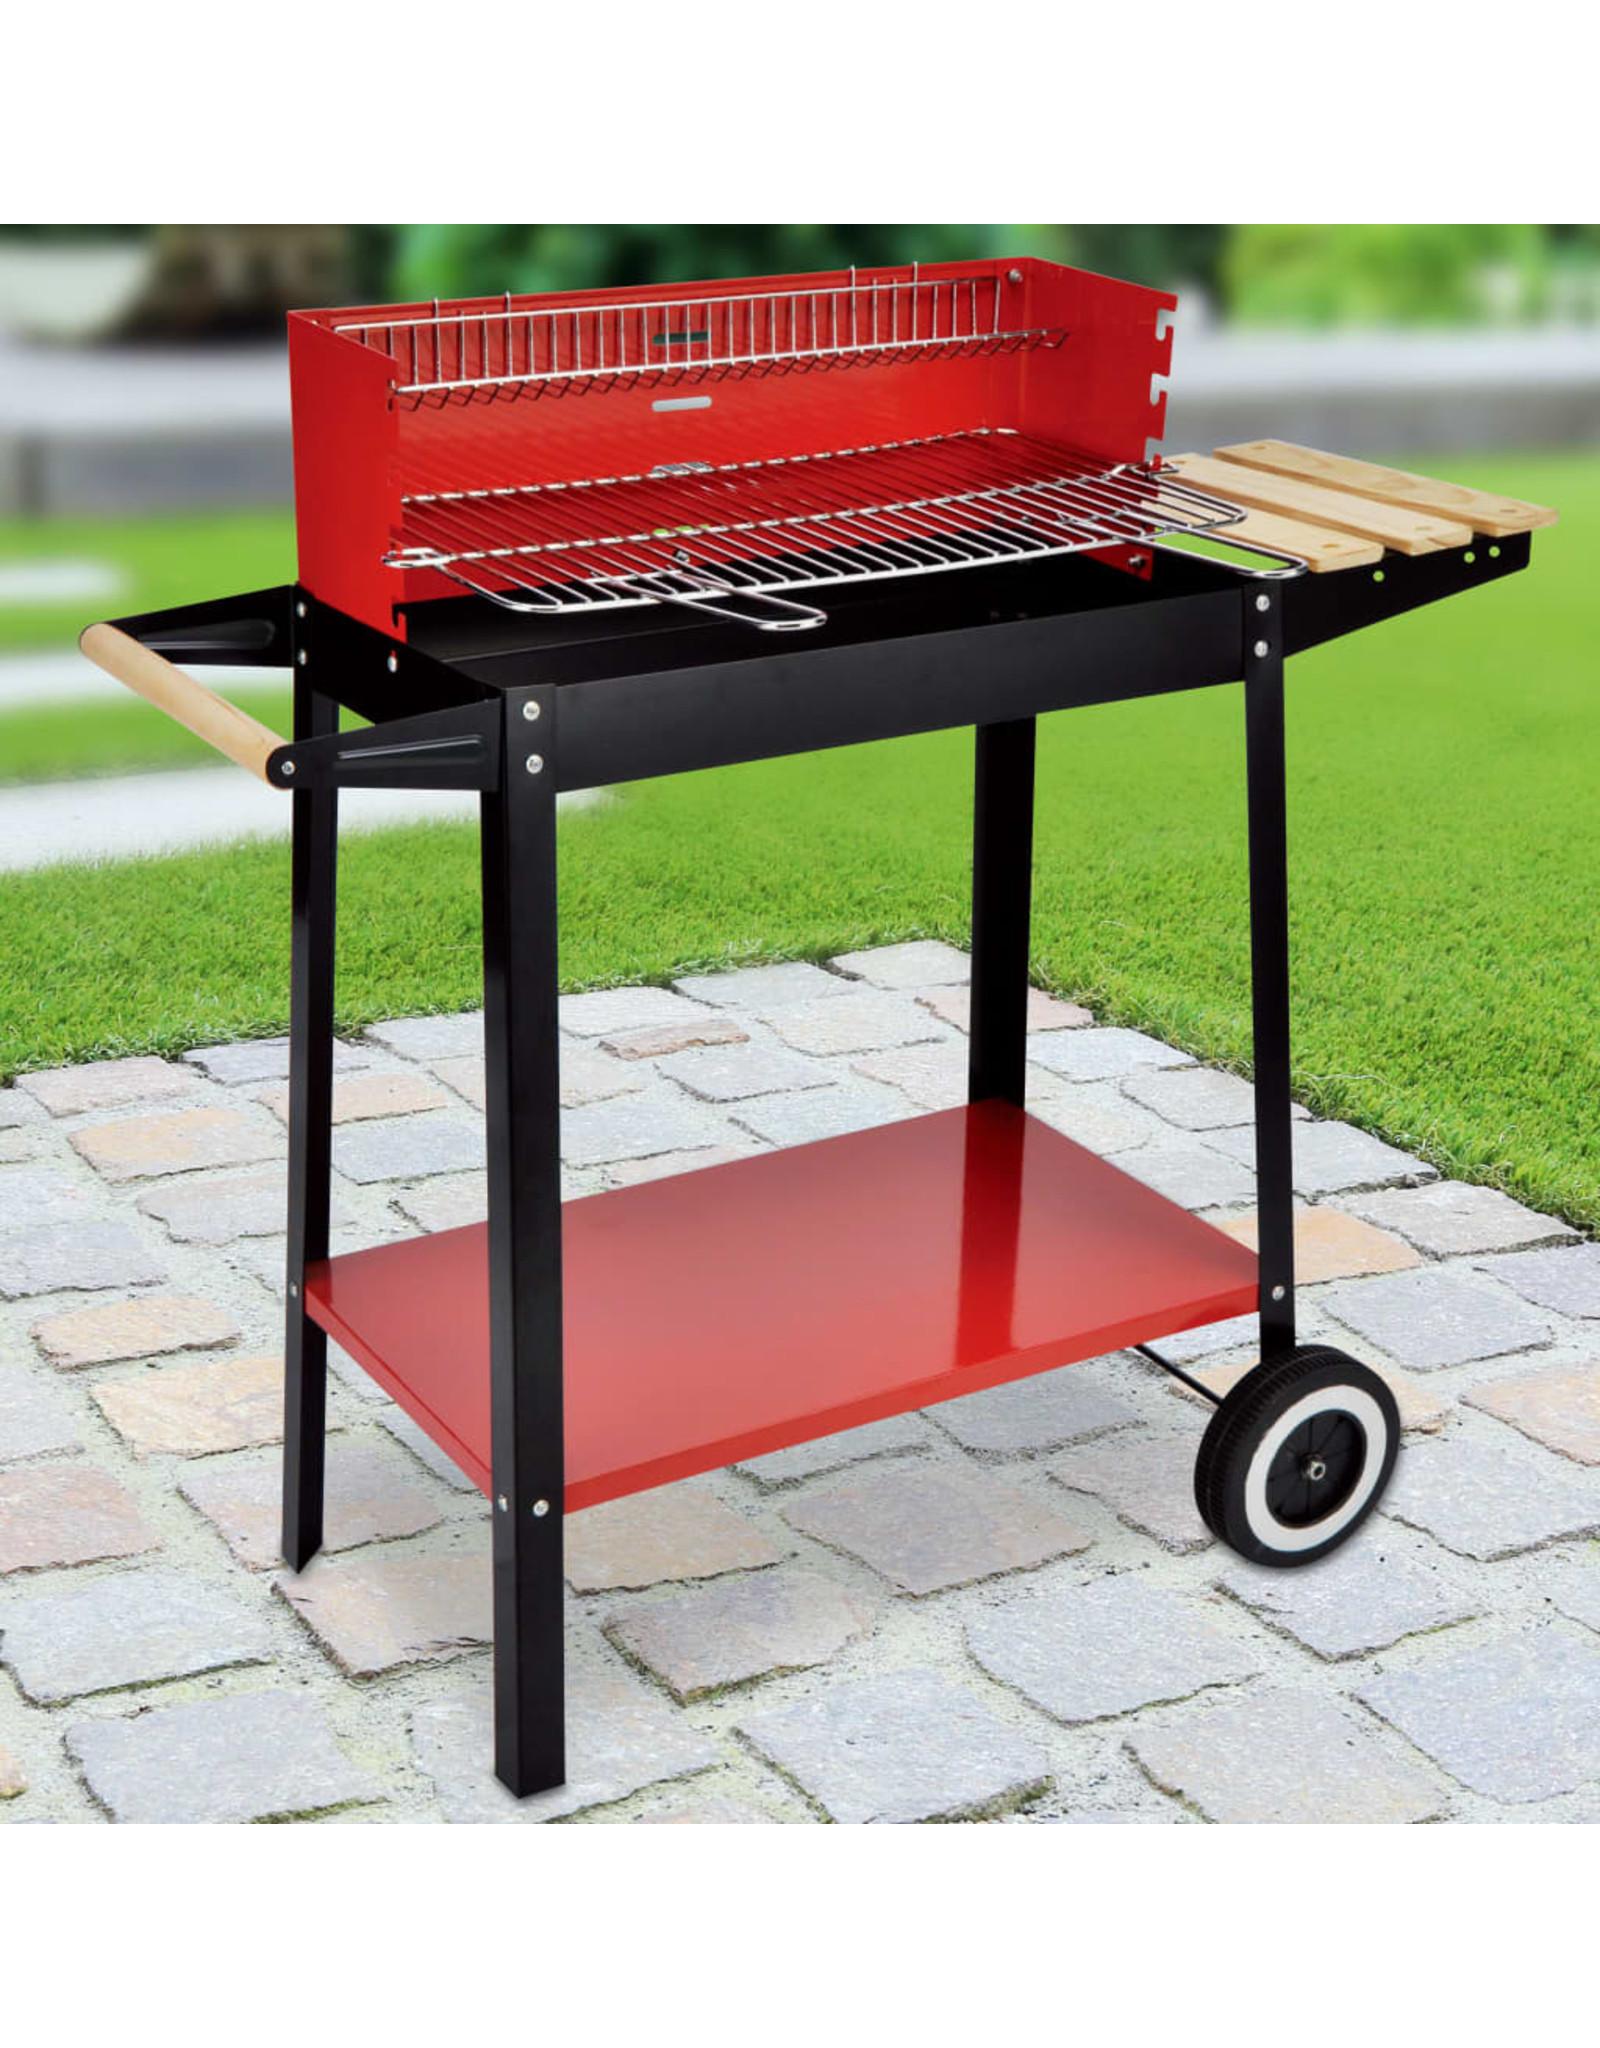 HI Barbecuewagen houtskool 88x44x83 cm rood